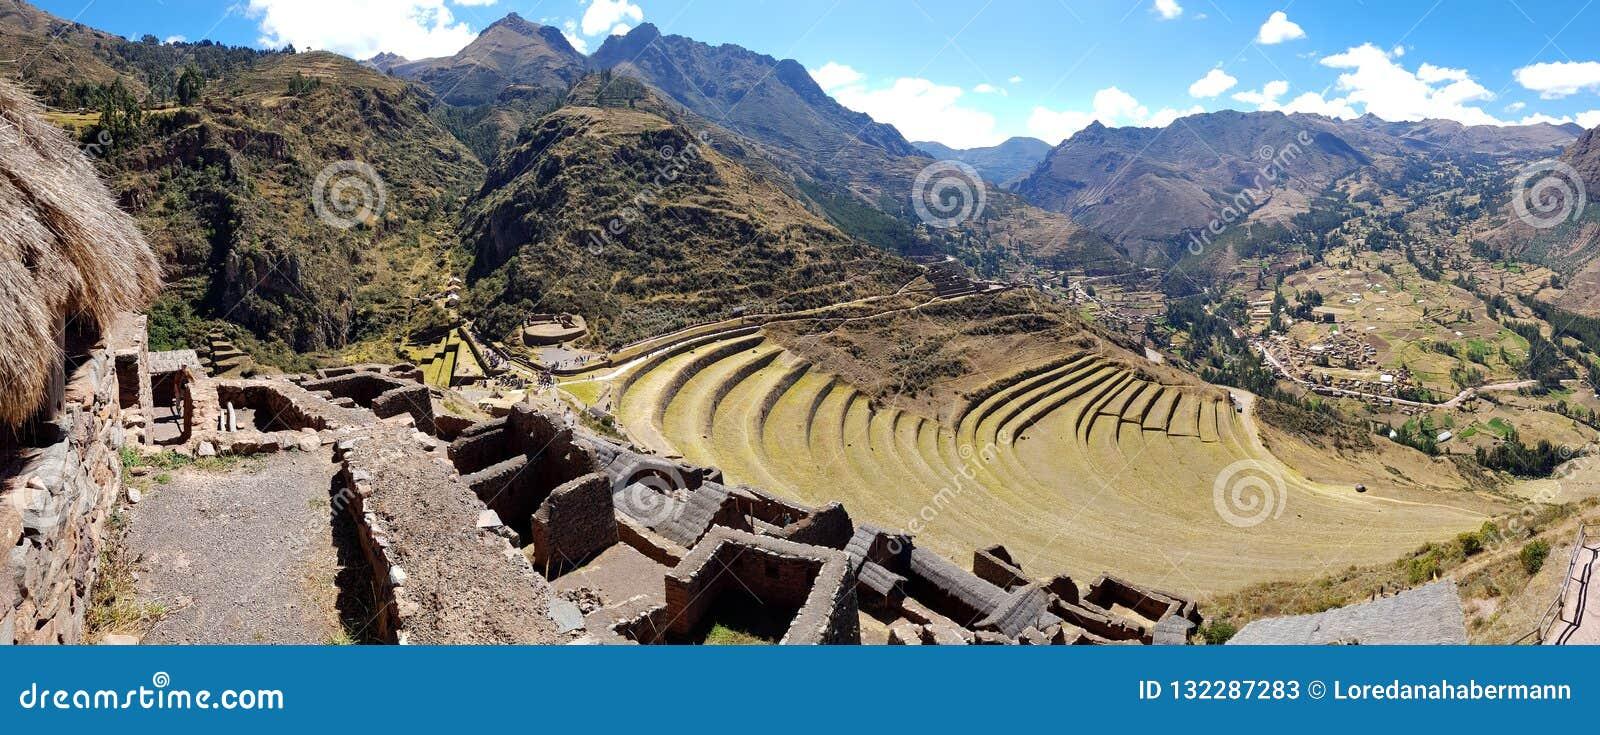 Peru, Pisac Pisaq - Inca ruins in the sacred valley in the Peruvian Andes